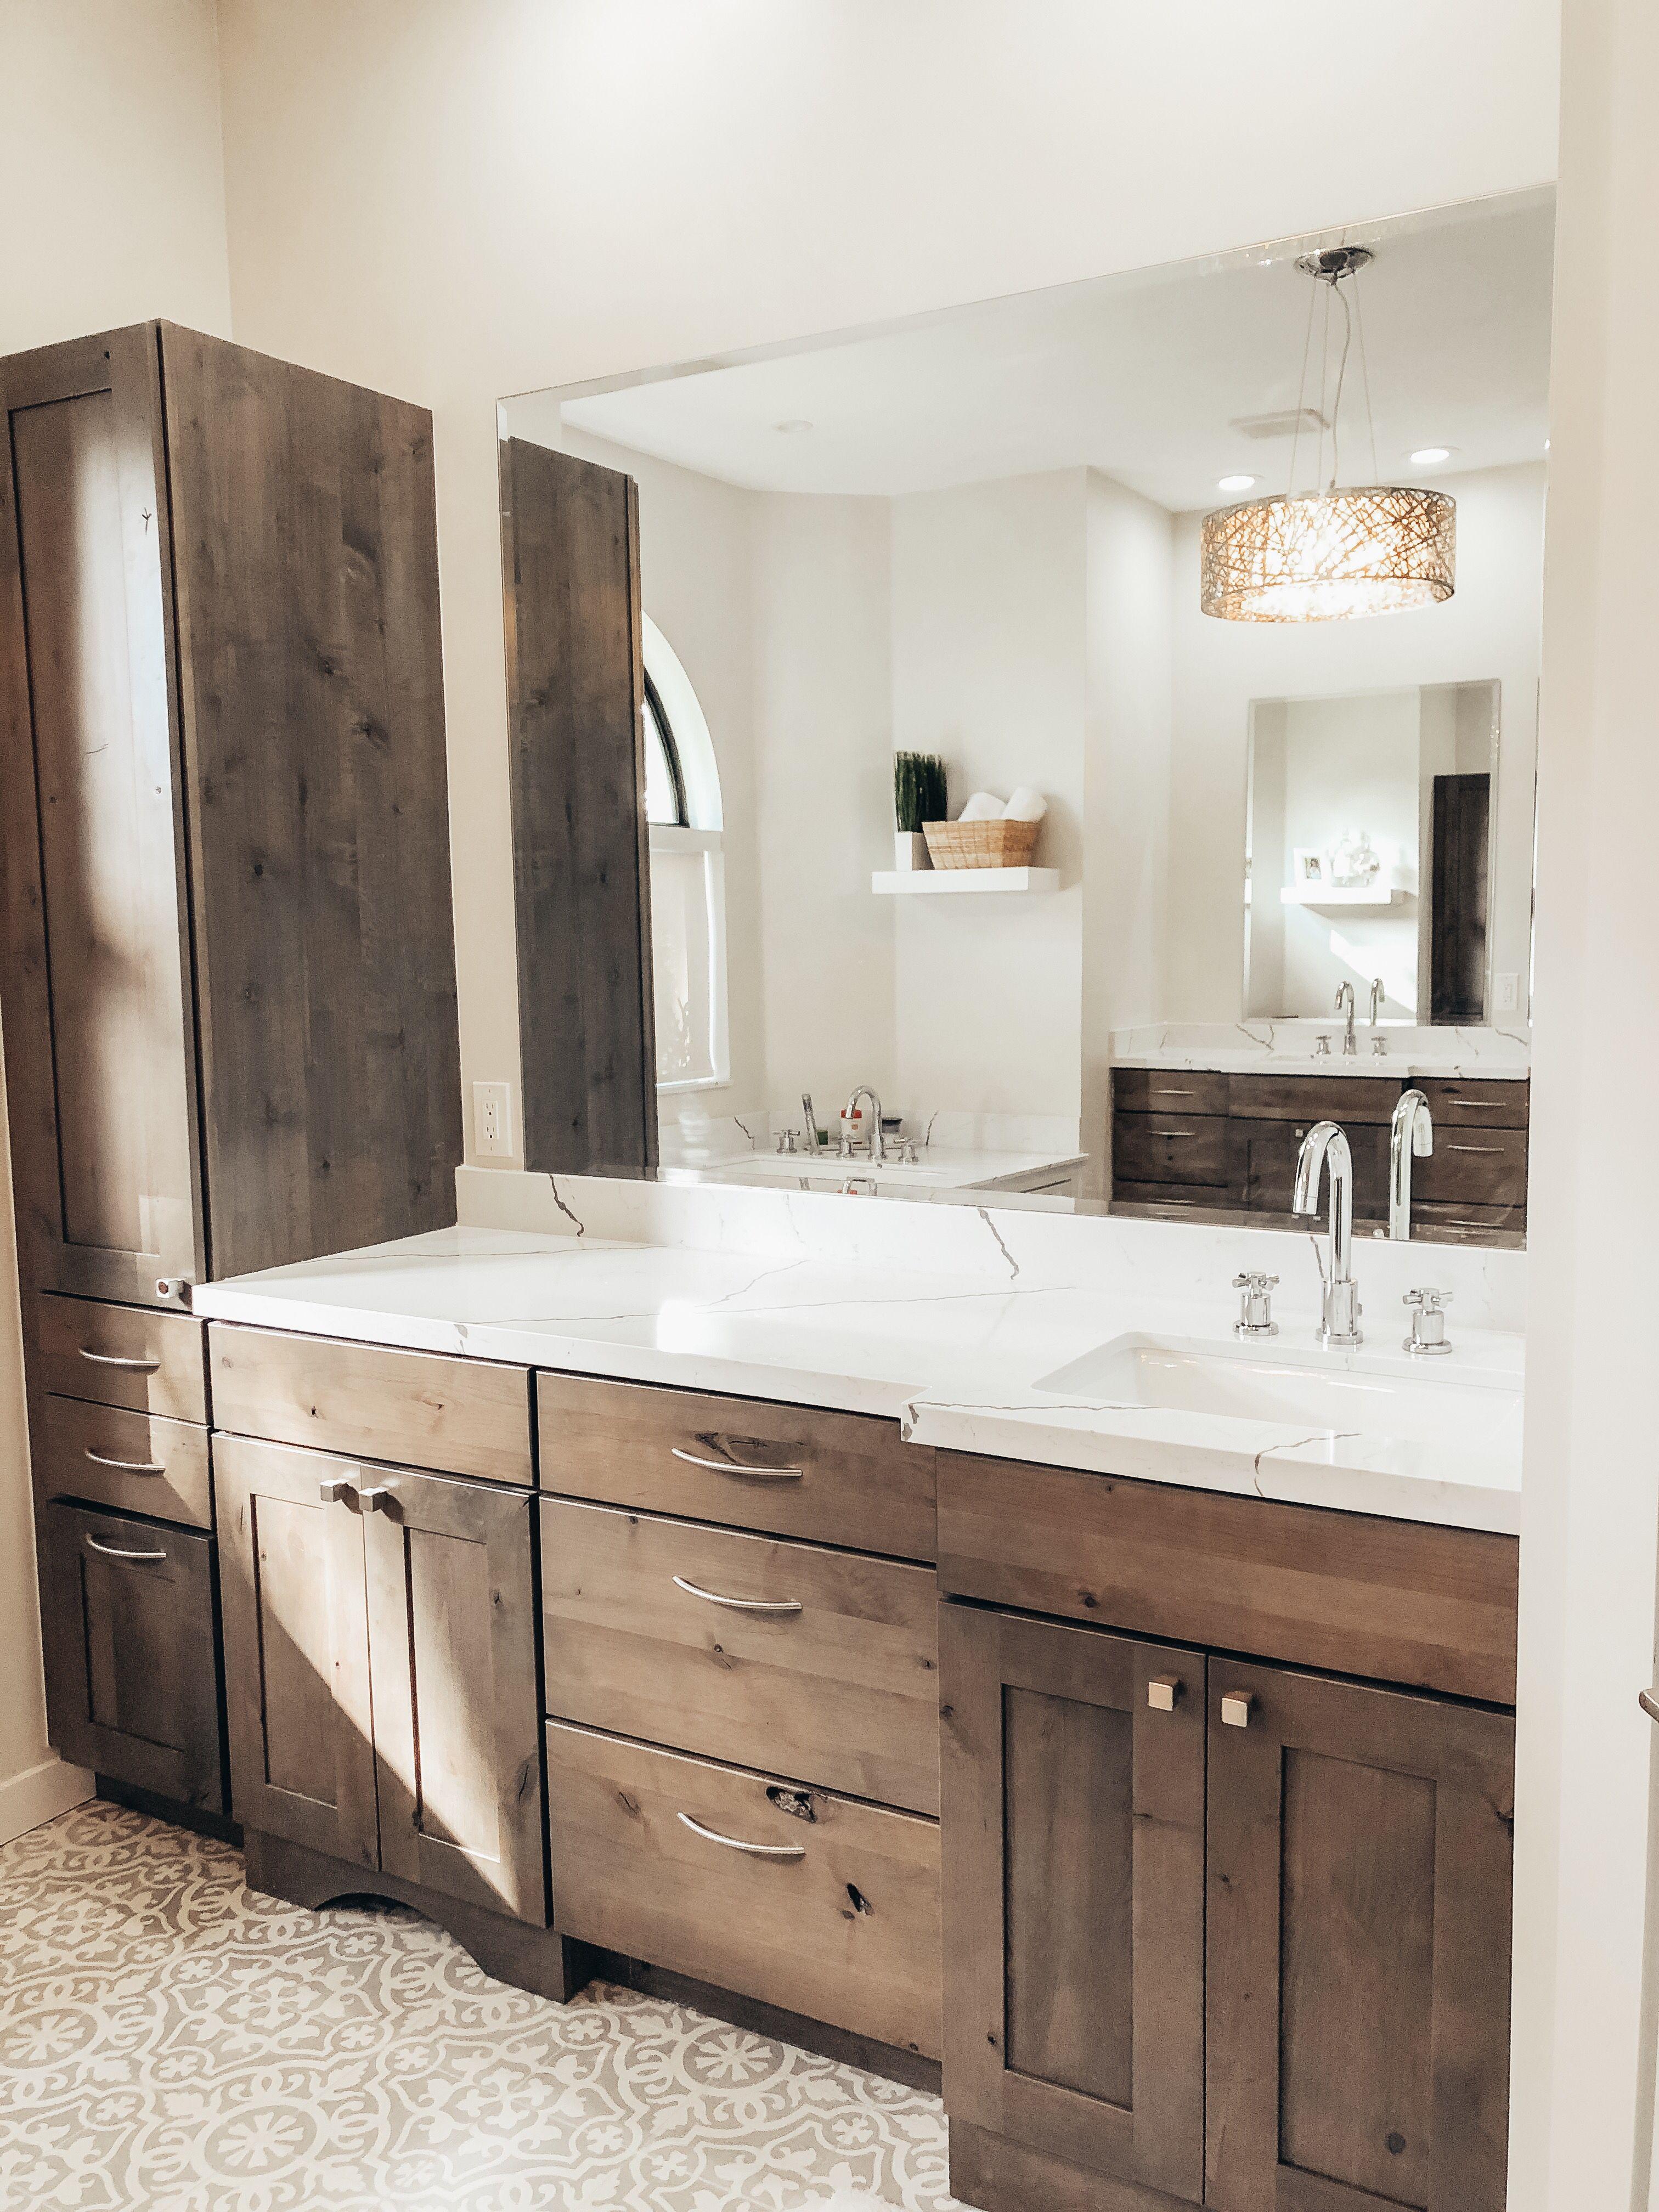 Our New Master Bathroom Bathroom Remodel Master Alder Kitchen Cabinets Alder Cabinets